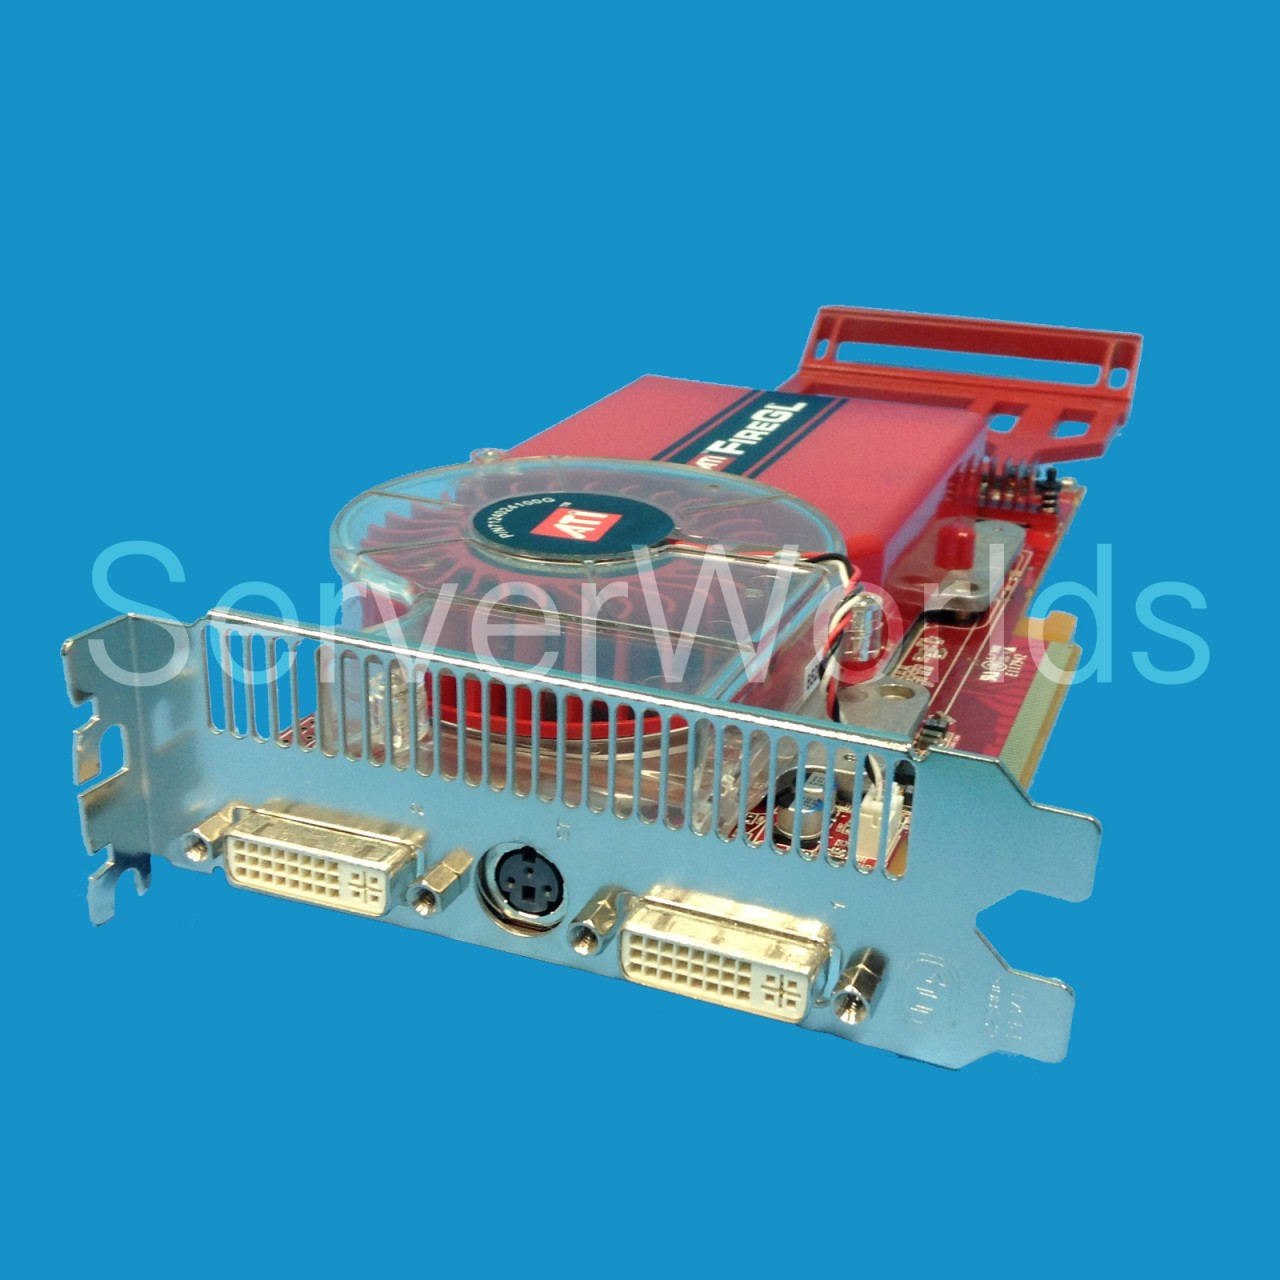 Driver UPDATE: Dell Precision 690 ATI FireGL V7200 Graphics